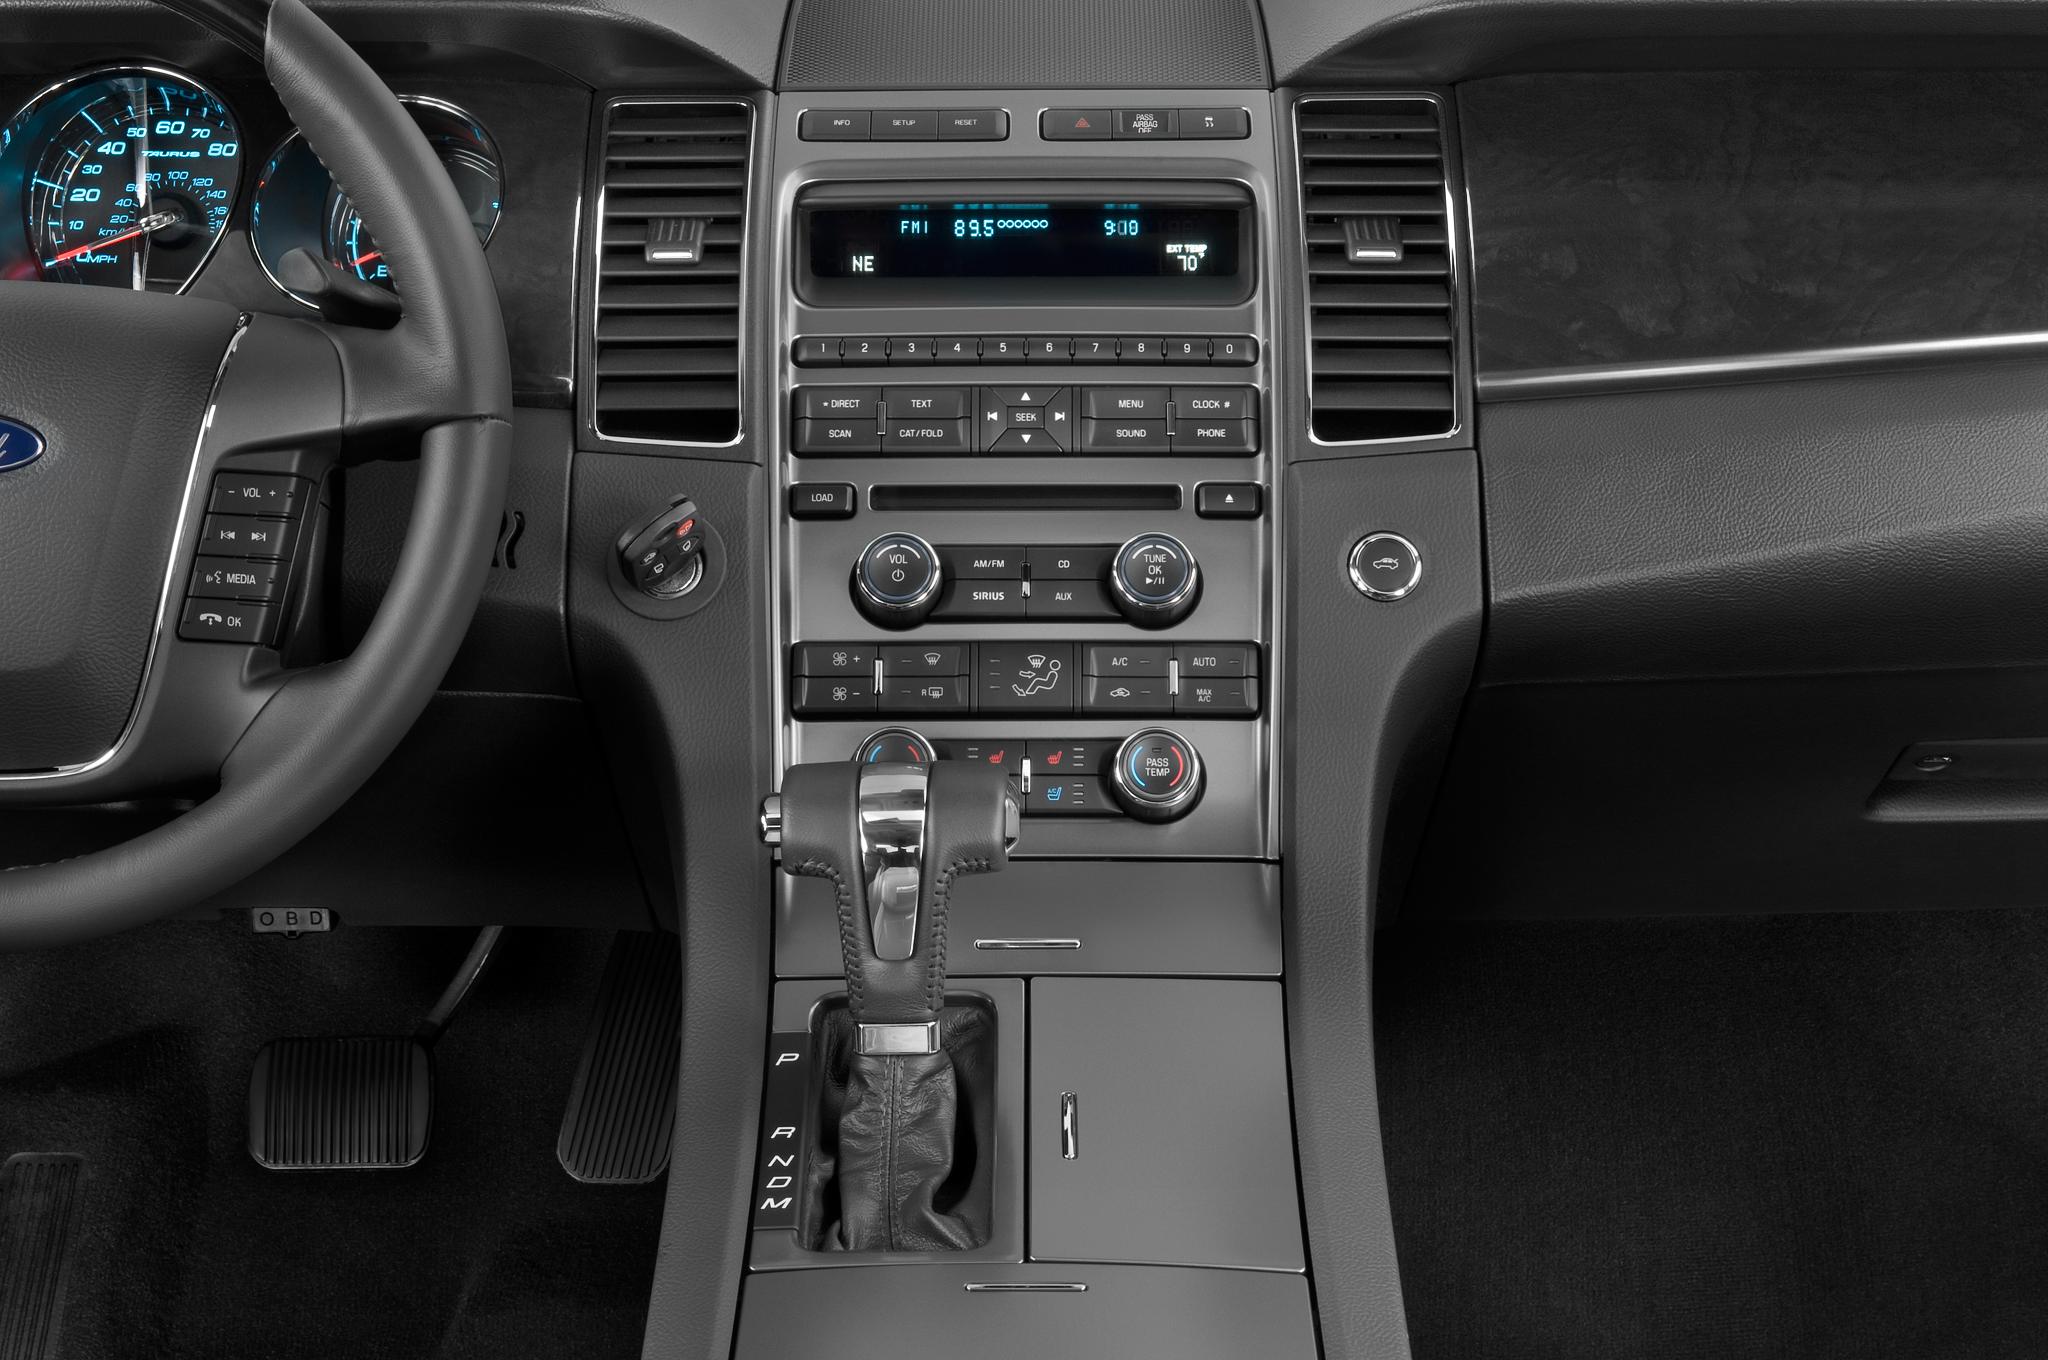 2010 Ford Taurus SHO - Ford Sport Sedan Review ...